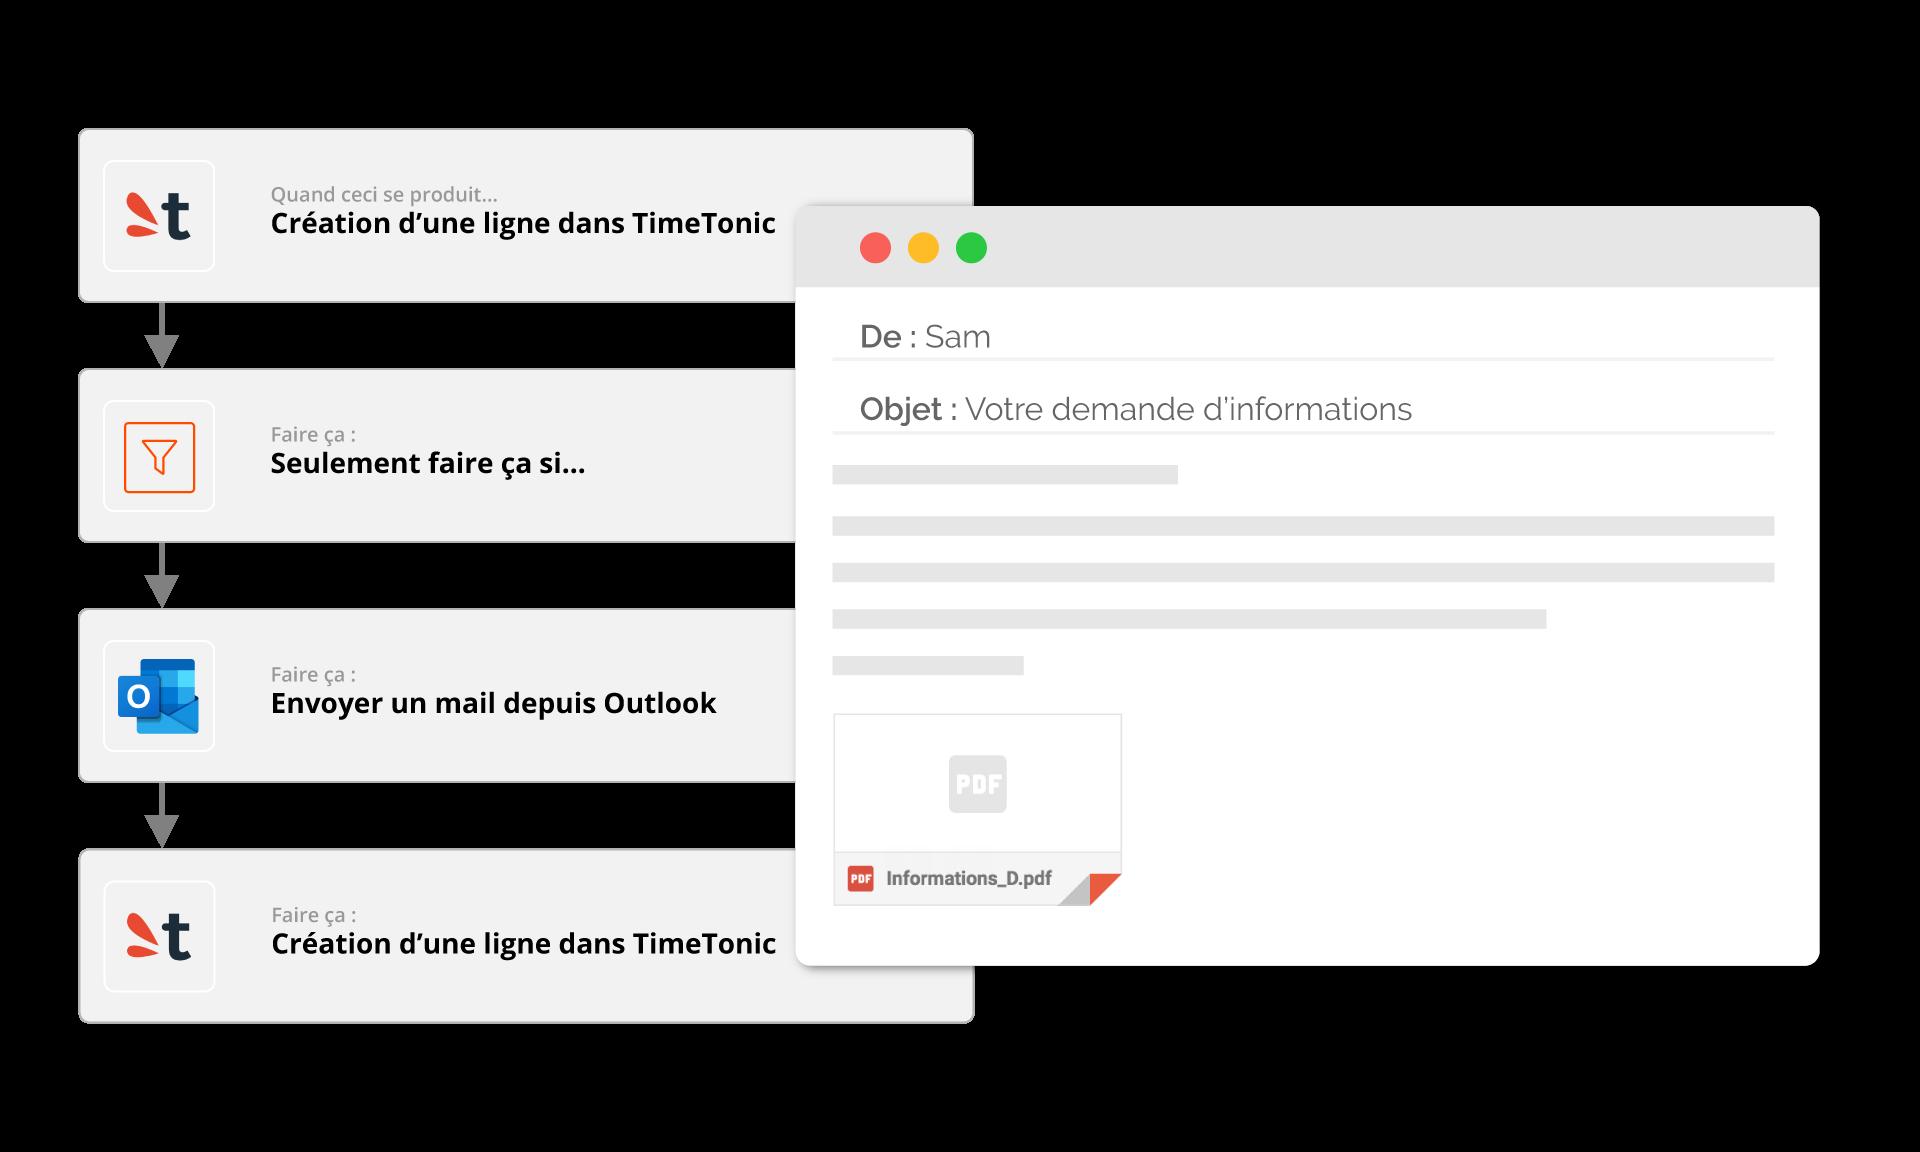 Enfin d'automatiser toutes vos tâches administratives (devis, factures, comptes rendus) tout en gardant l'information dans un seul outil.